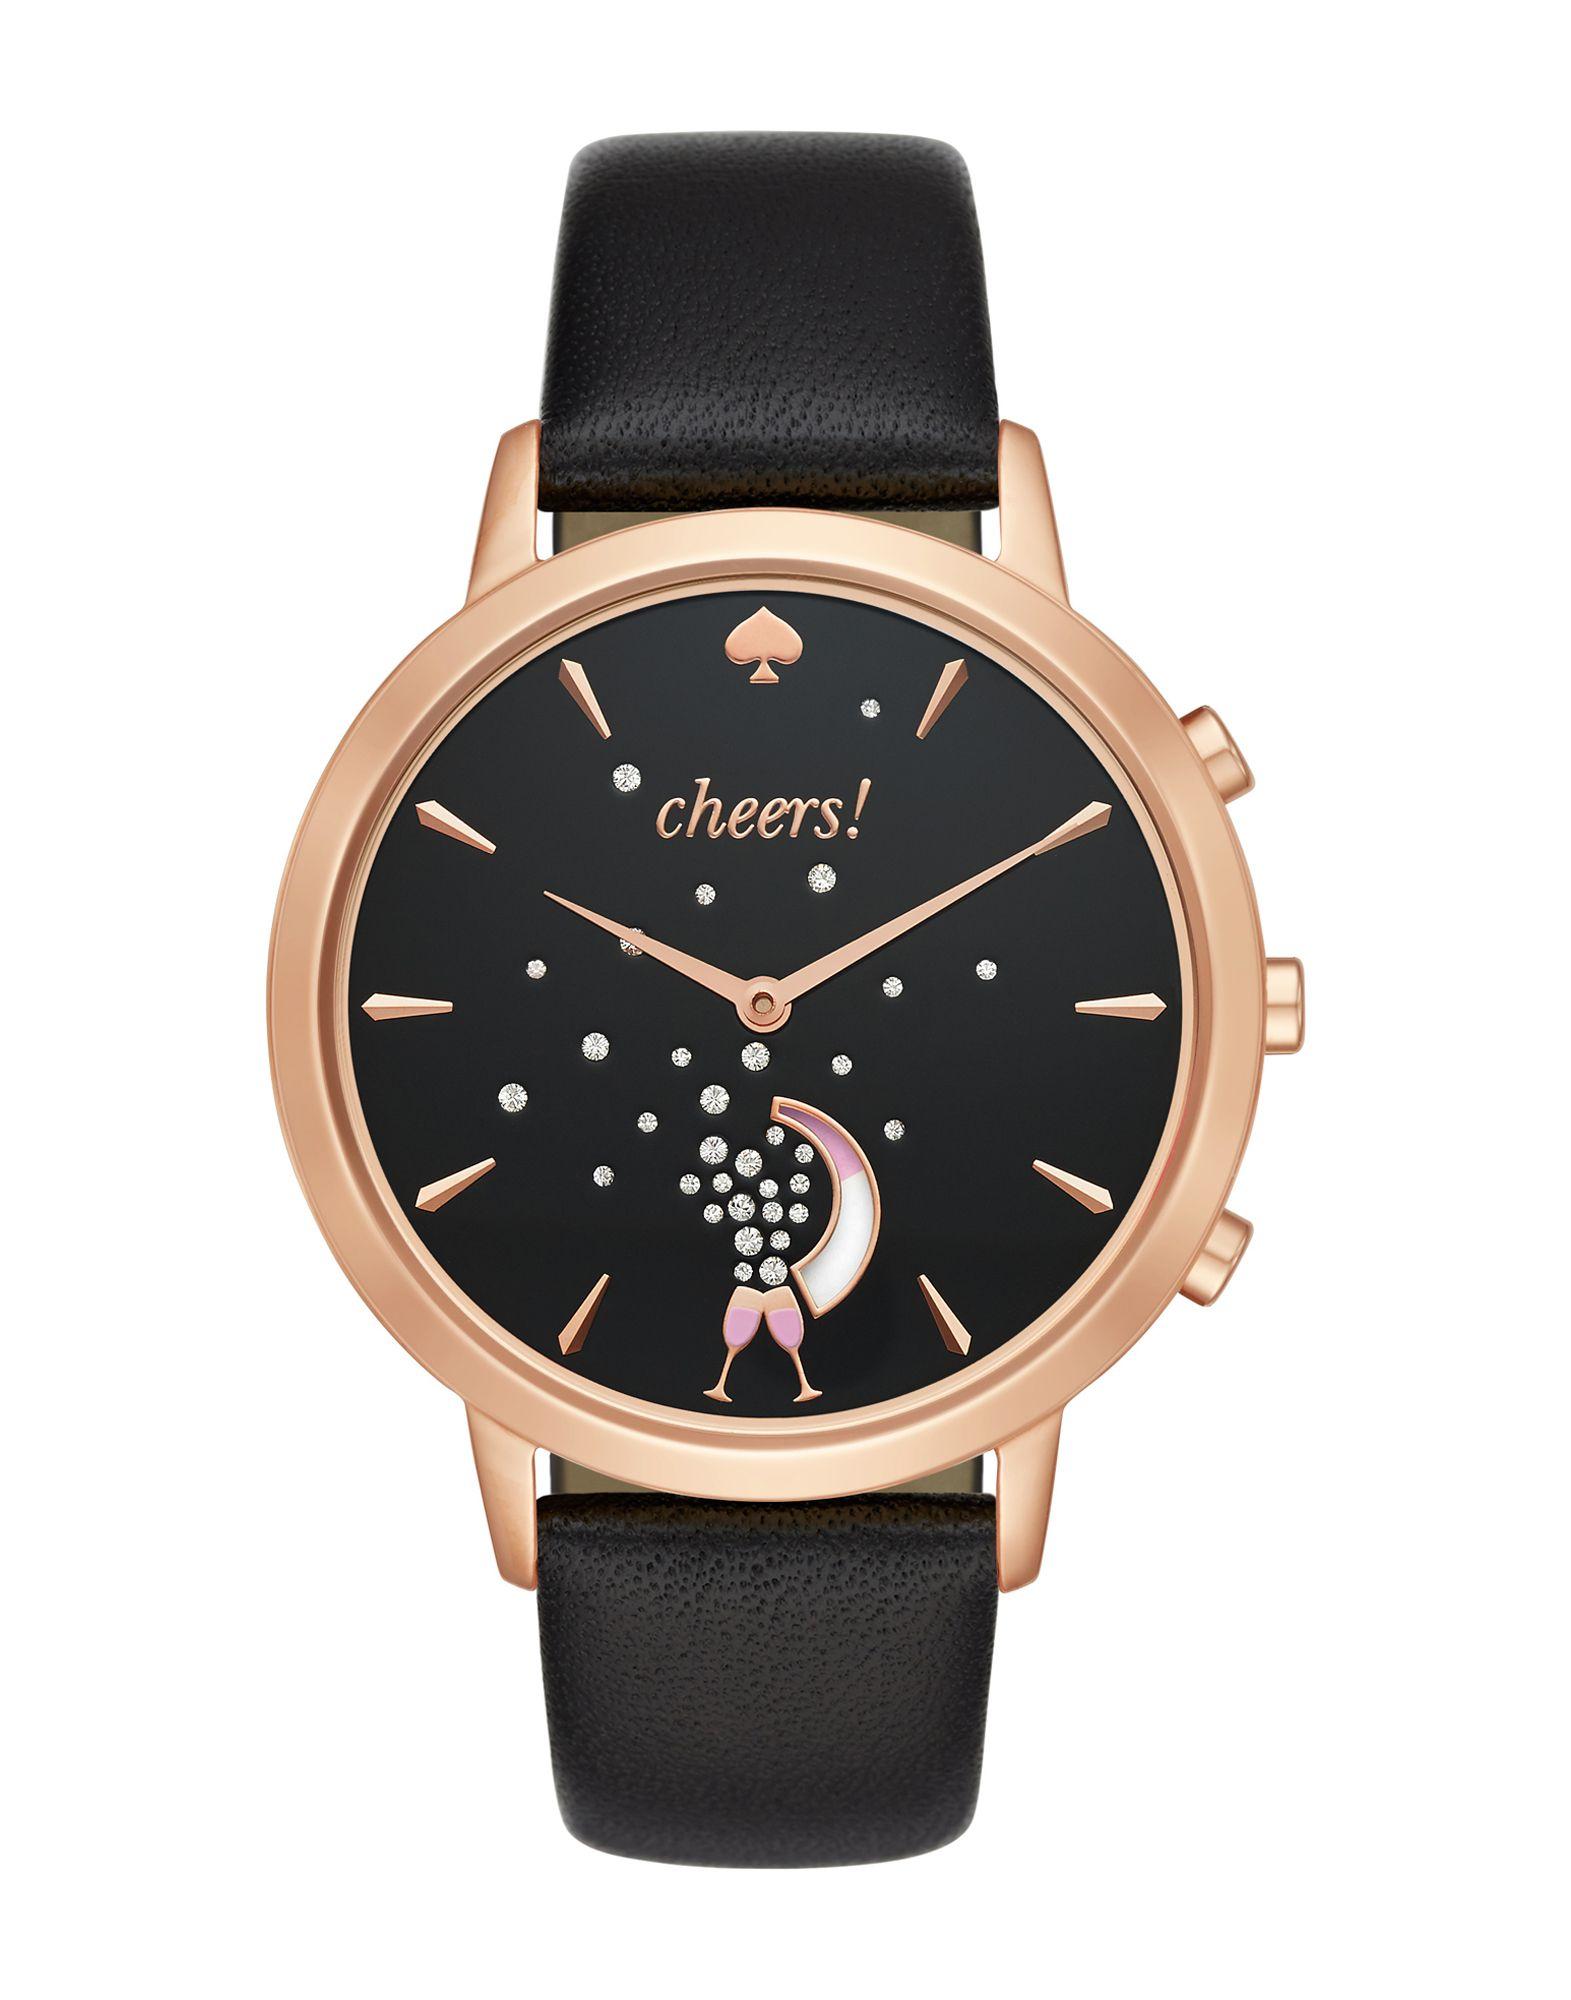 KATE SPADE New York Damen Armbanduhr Farbe Schwarz Größe 1 jetztbilligerkaufen